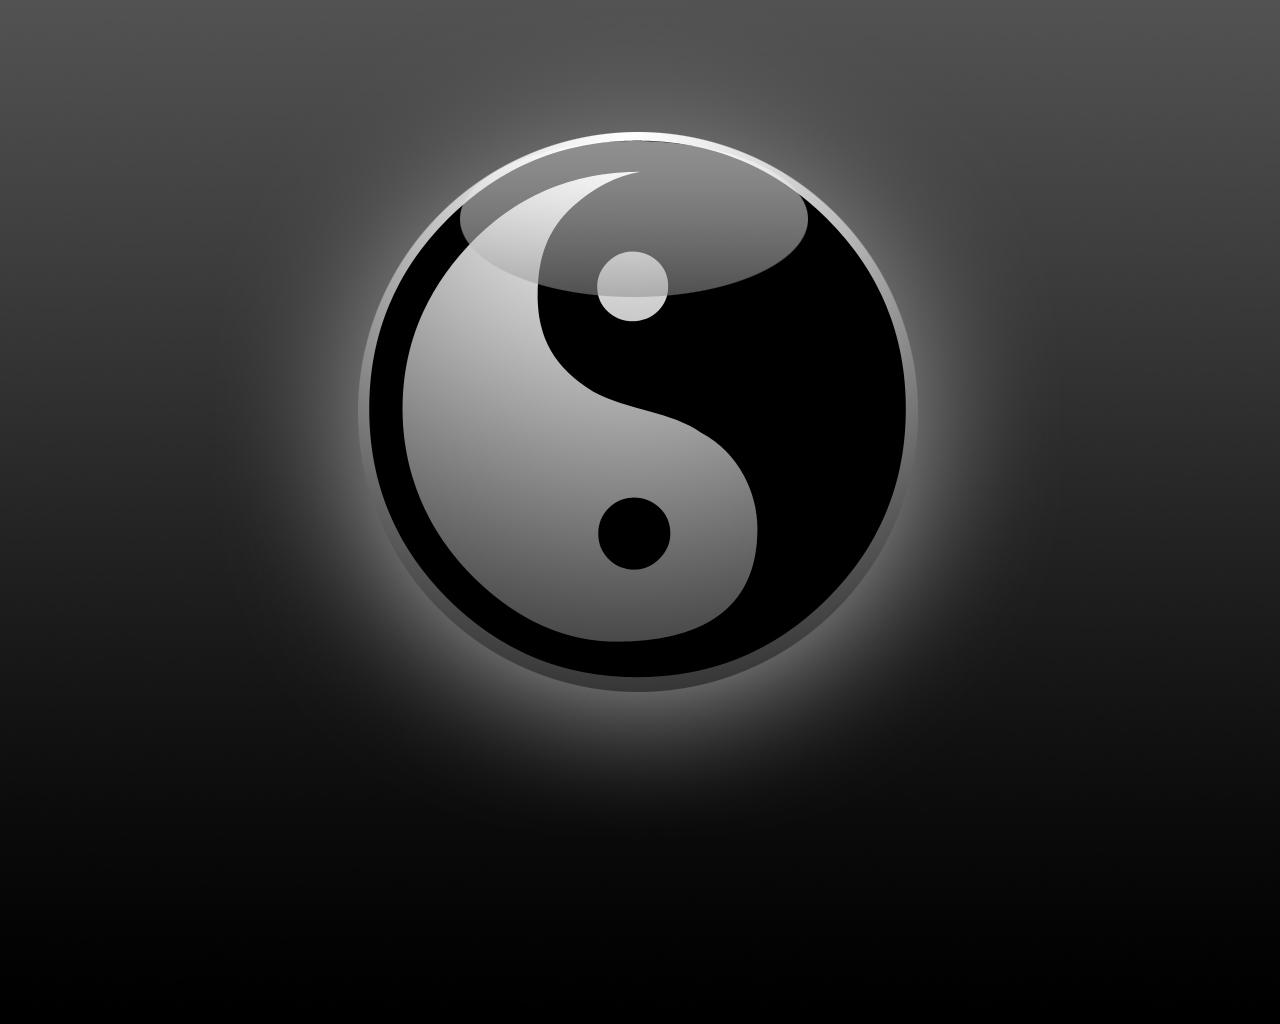 Chinesische Ying Yang Drachen Wallpaper   LiLzeu   Tattoo DE 1280x1024